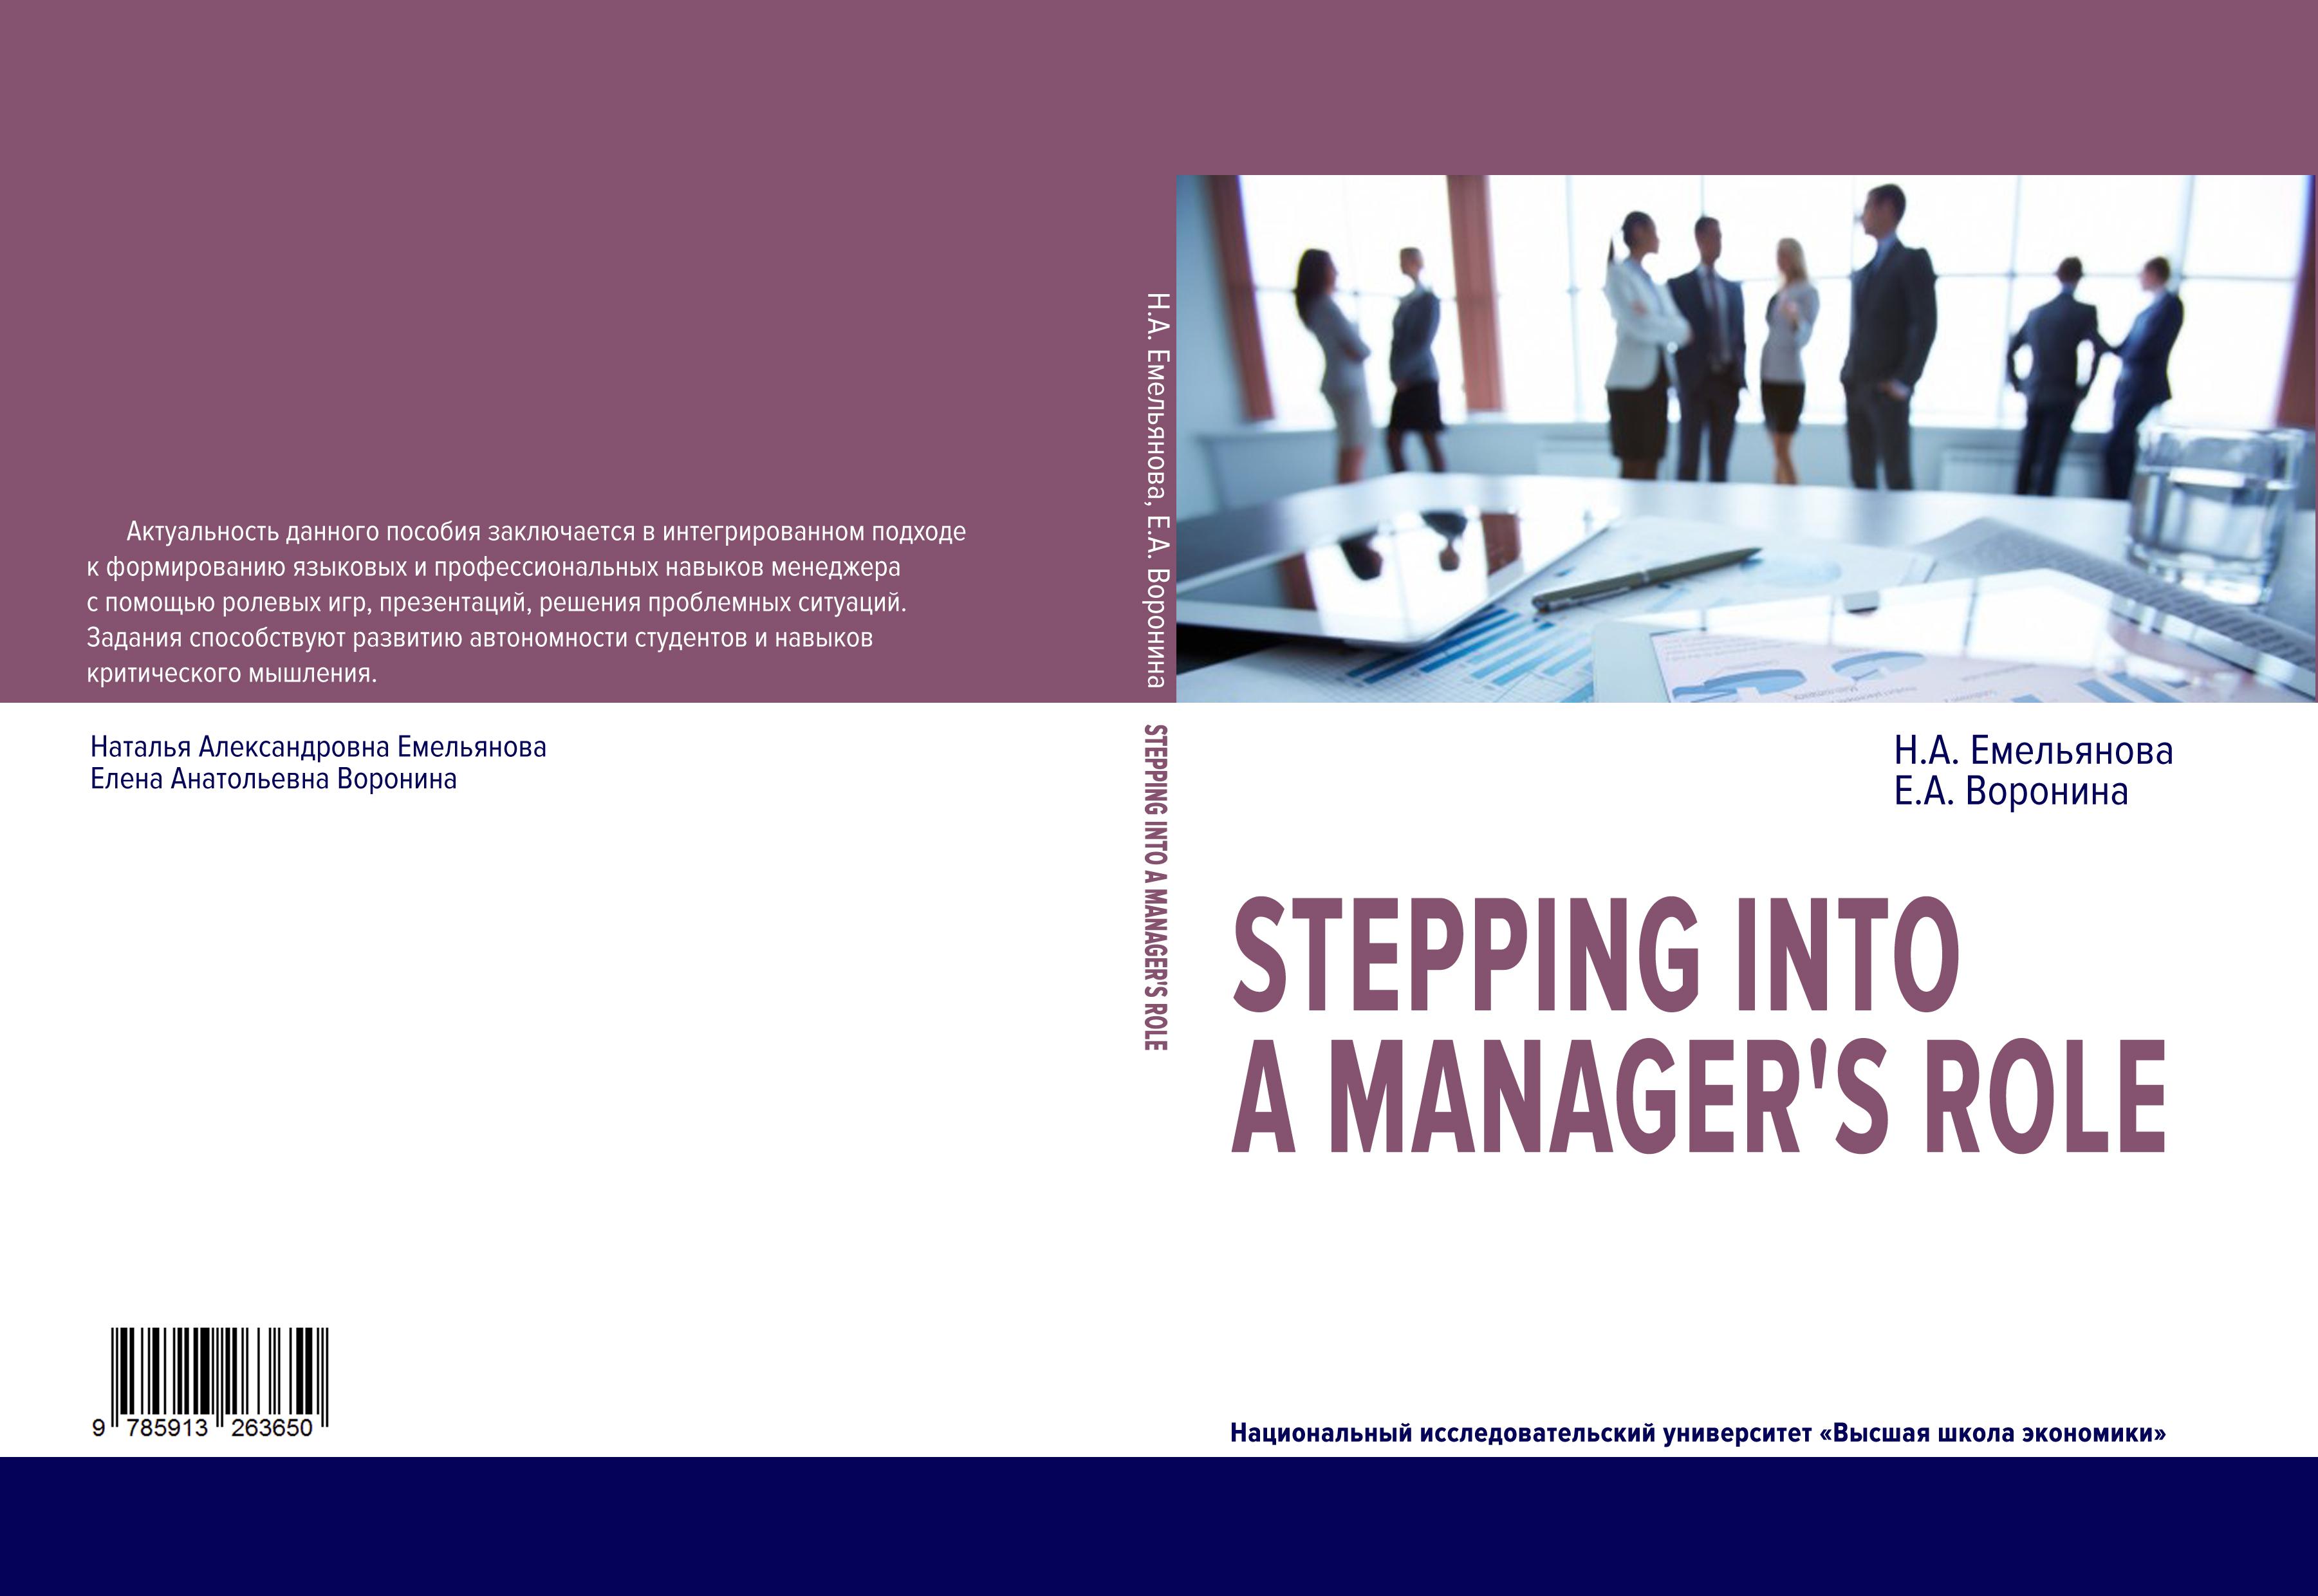 Stepping into a Manager's Role / Выступая в роли менеджера